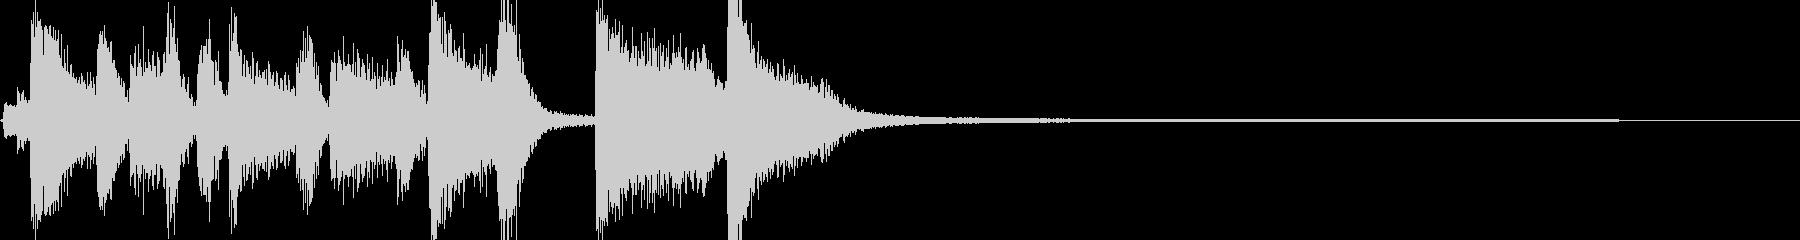 面白い実験が始まるジングルの未再生の波形